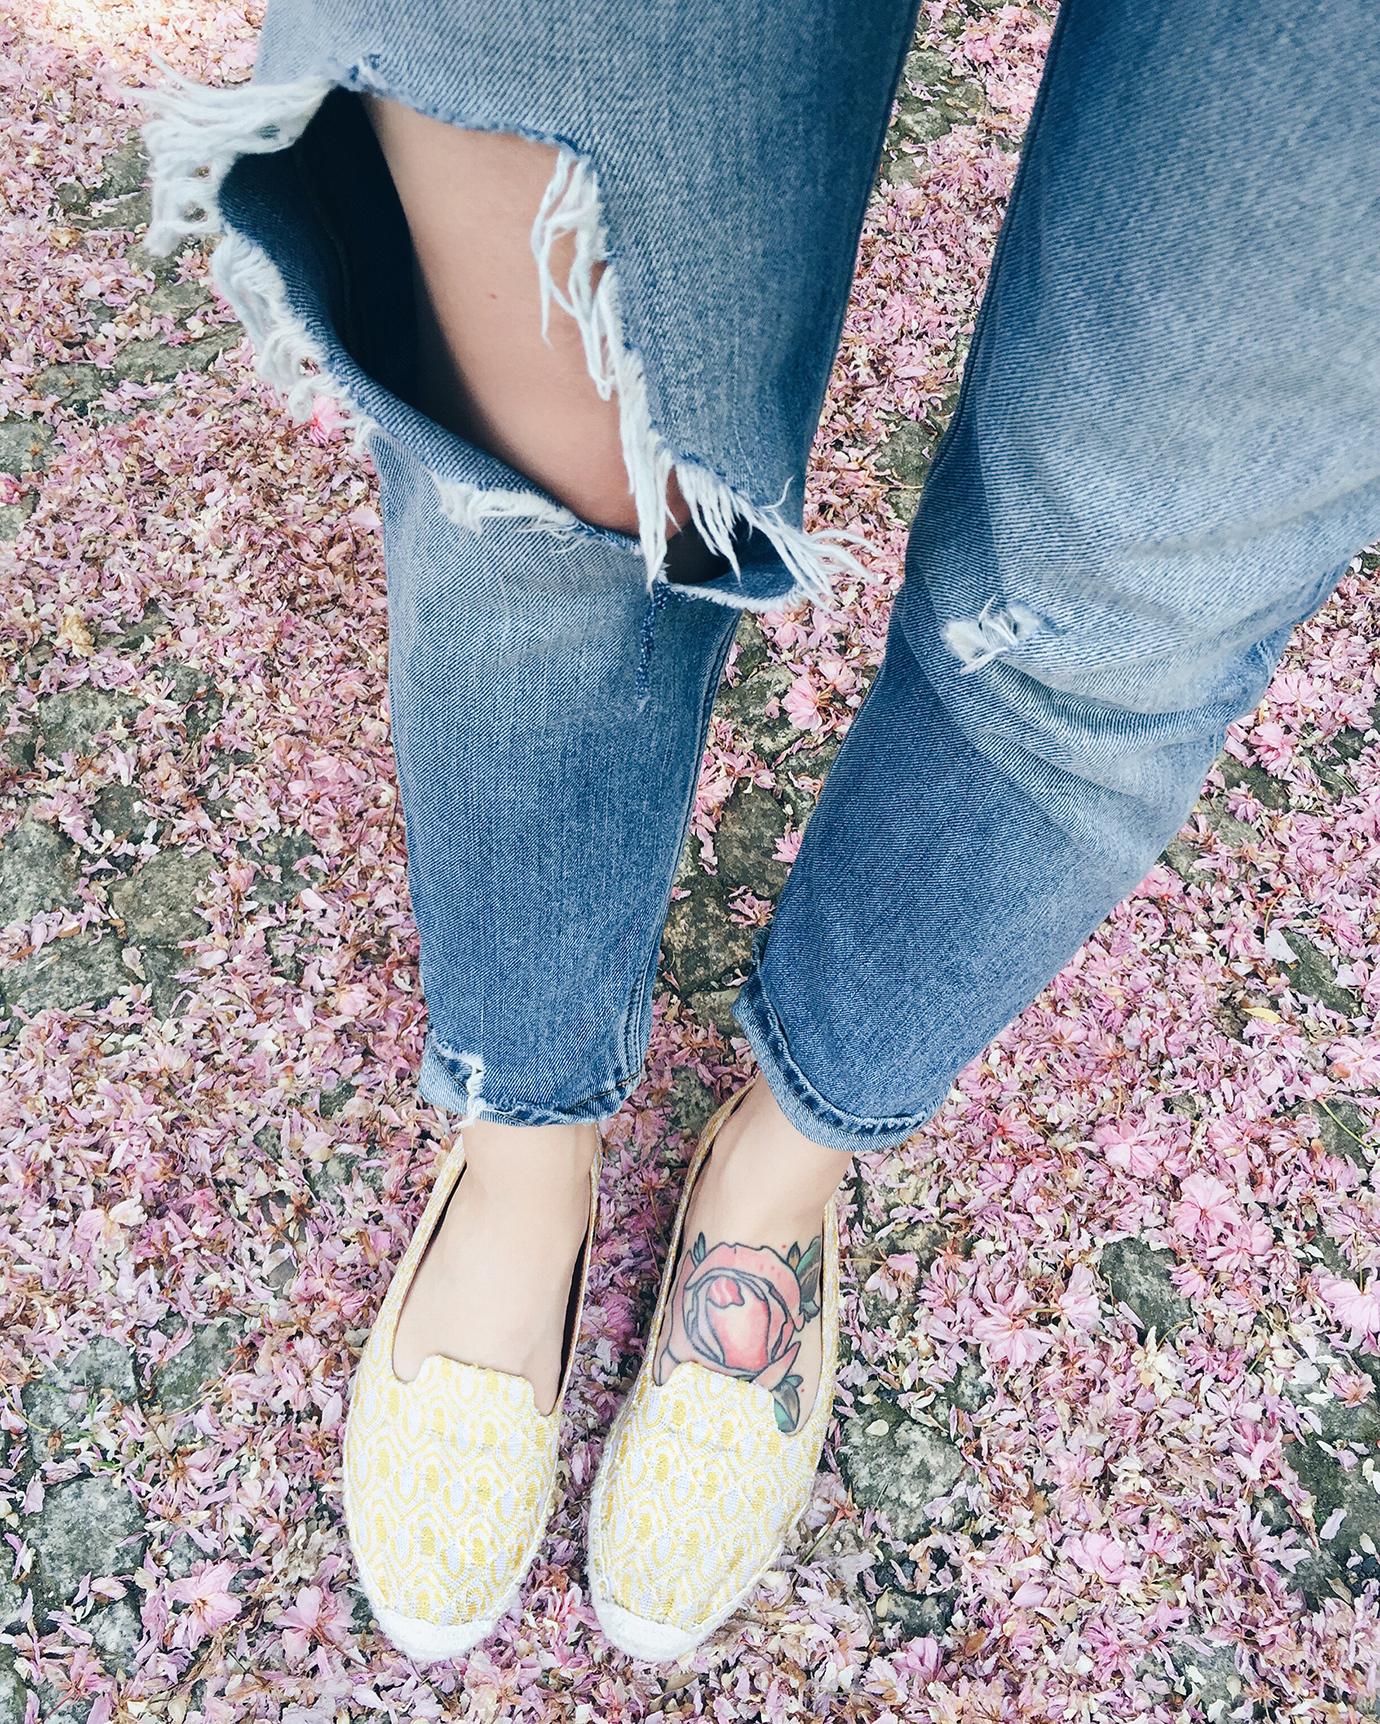 7things_19_blossom